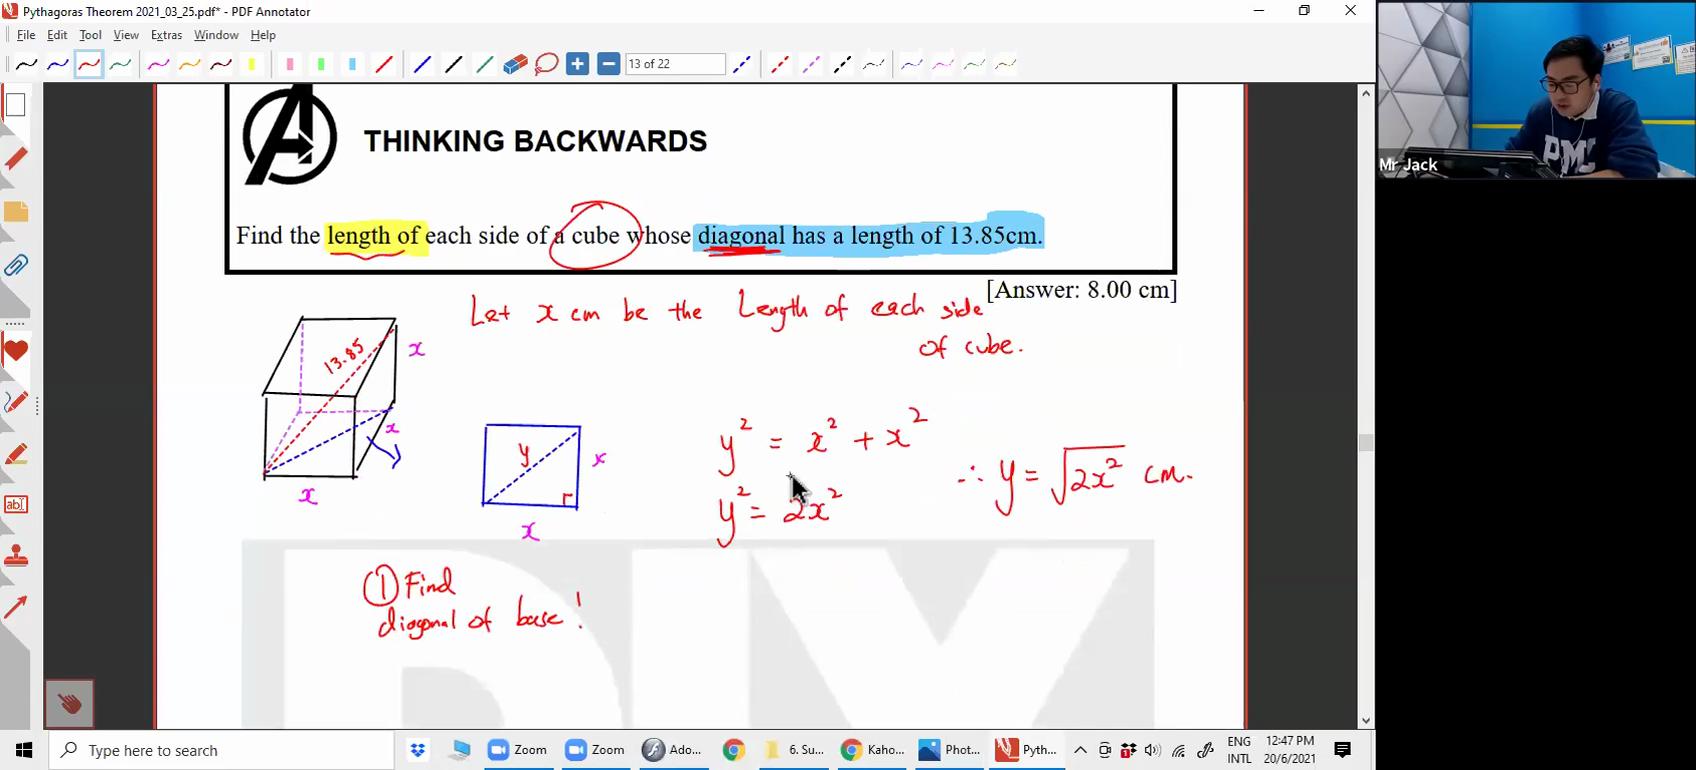 [PYTHAOGRAS THEOREM] Pythagoras Theorem